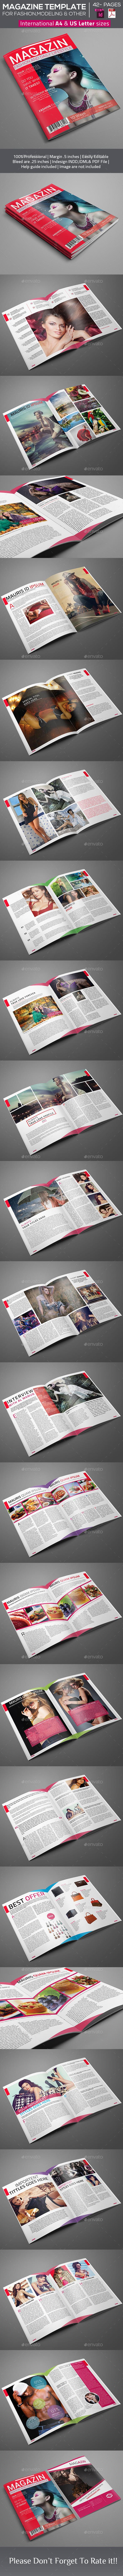 GraphicRiver Magazine Template 10061194